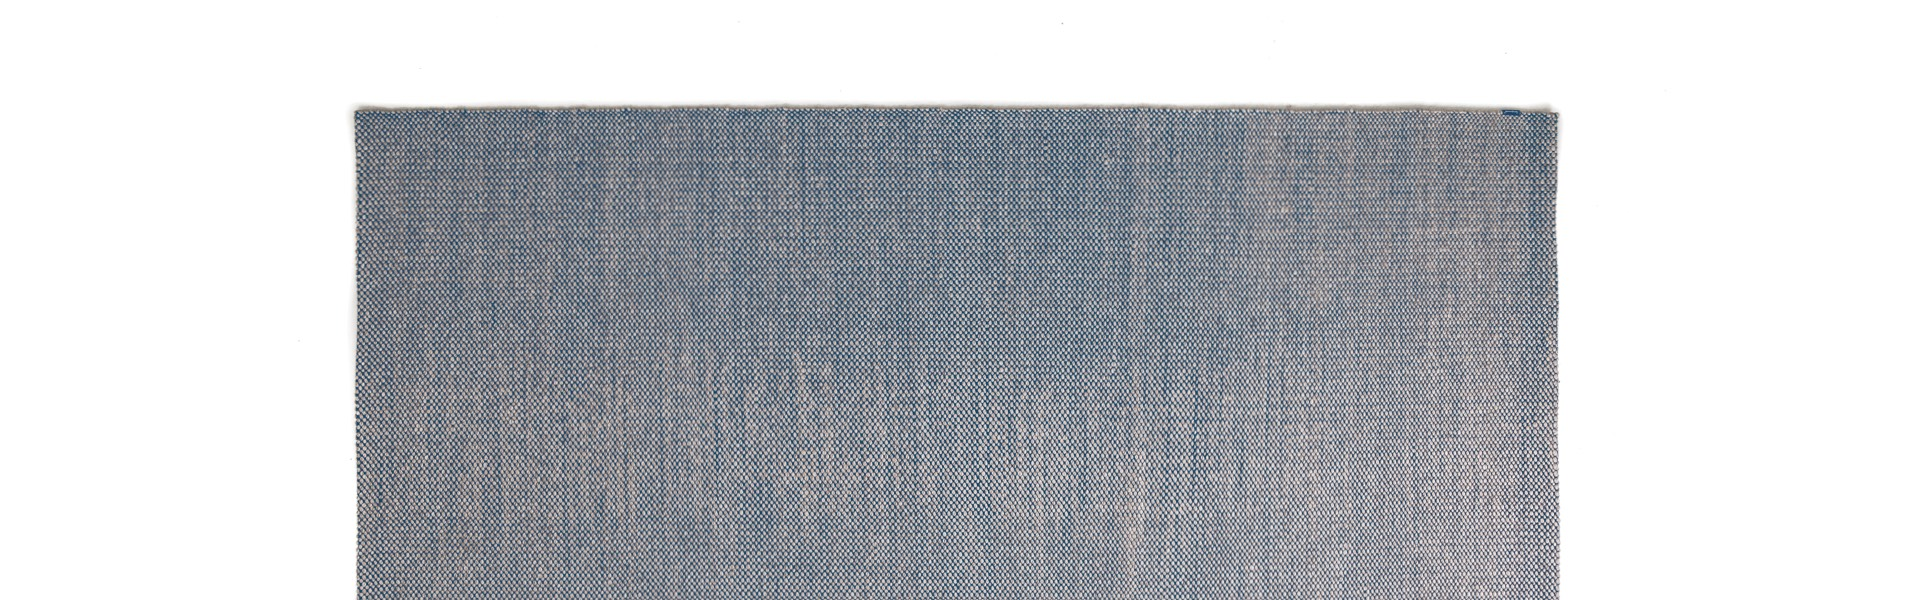 Wool Range Nordic Drop